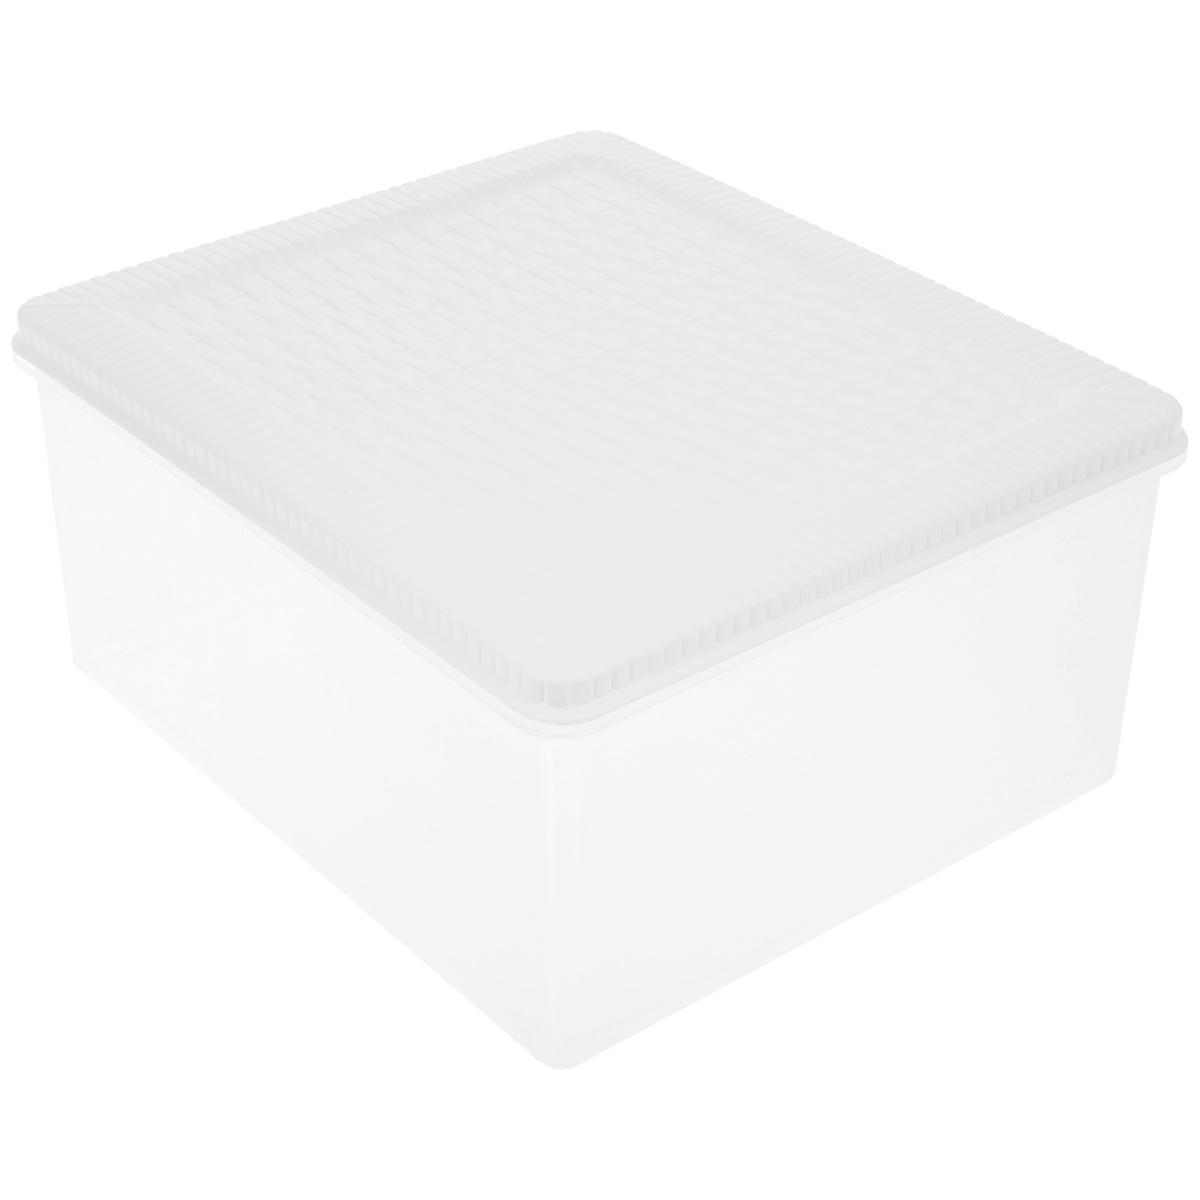 Контейнер хозяйственный Gensini Rattan, с крышкой, цвет: белый, прозрачный, 10 л2178_белыйУниверсальный контейнер Gensini Rattan прямоугольной формы прекрасноподойдет для хранения небольших игрушек в детской комнате, бумаг и документов,инструментов и многого другого. Он изготовлен из высококачественного пластика. Благодаря прозрачности вы всегда сможете видеть содержимоеконтейнера и без труда отыщите нужную вам вещь. Контейнер плотно закрываетсякрышкой.Удобный и легкий контейнер позволит вам хранить вещи в полном порядке, а благодаря современному дизайну он впишется в любой интерьер.